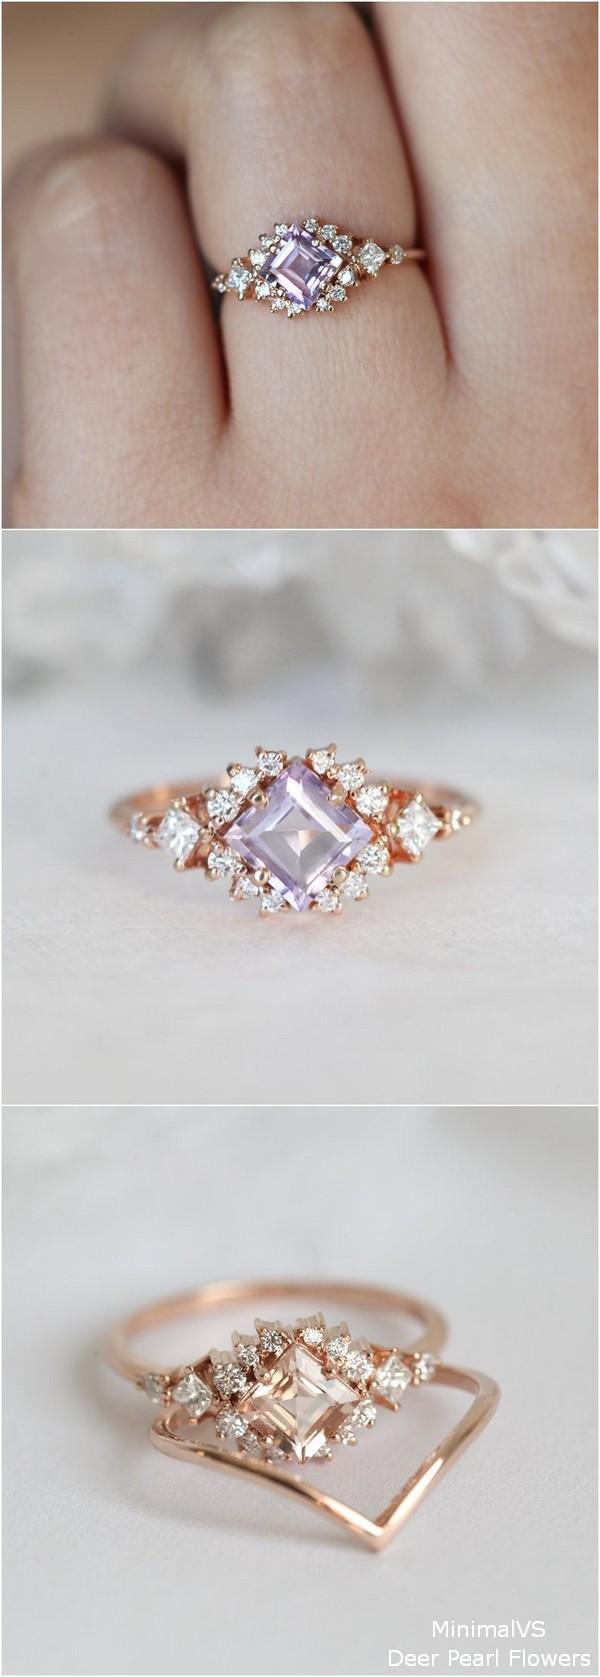 Rose Gold Lavender Amethyst Engagement Ring